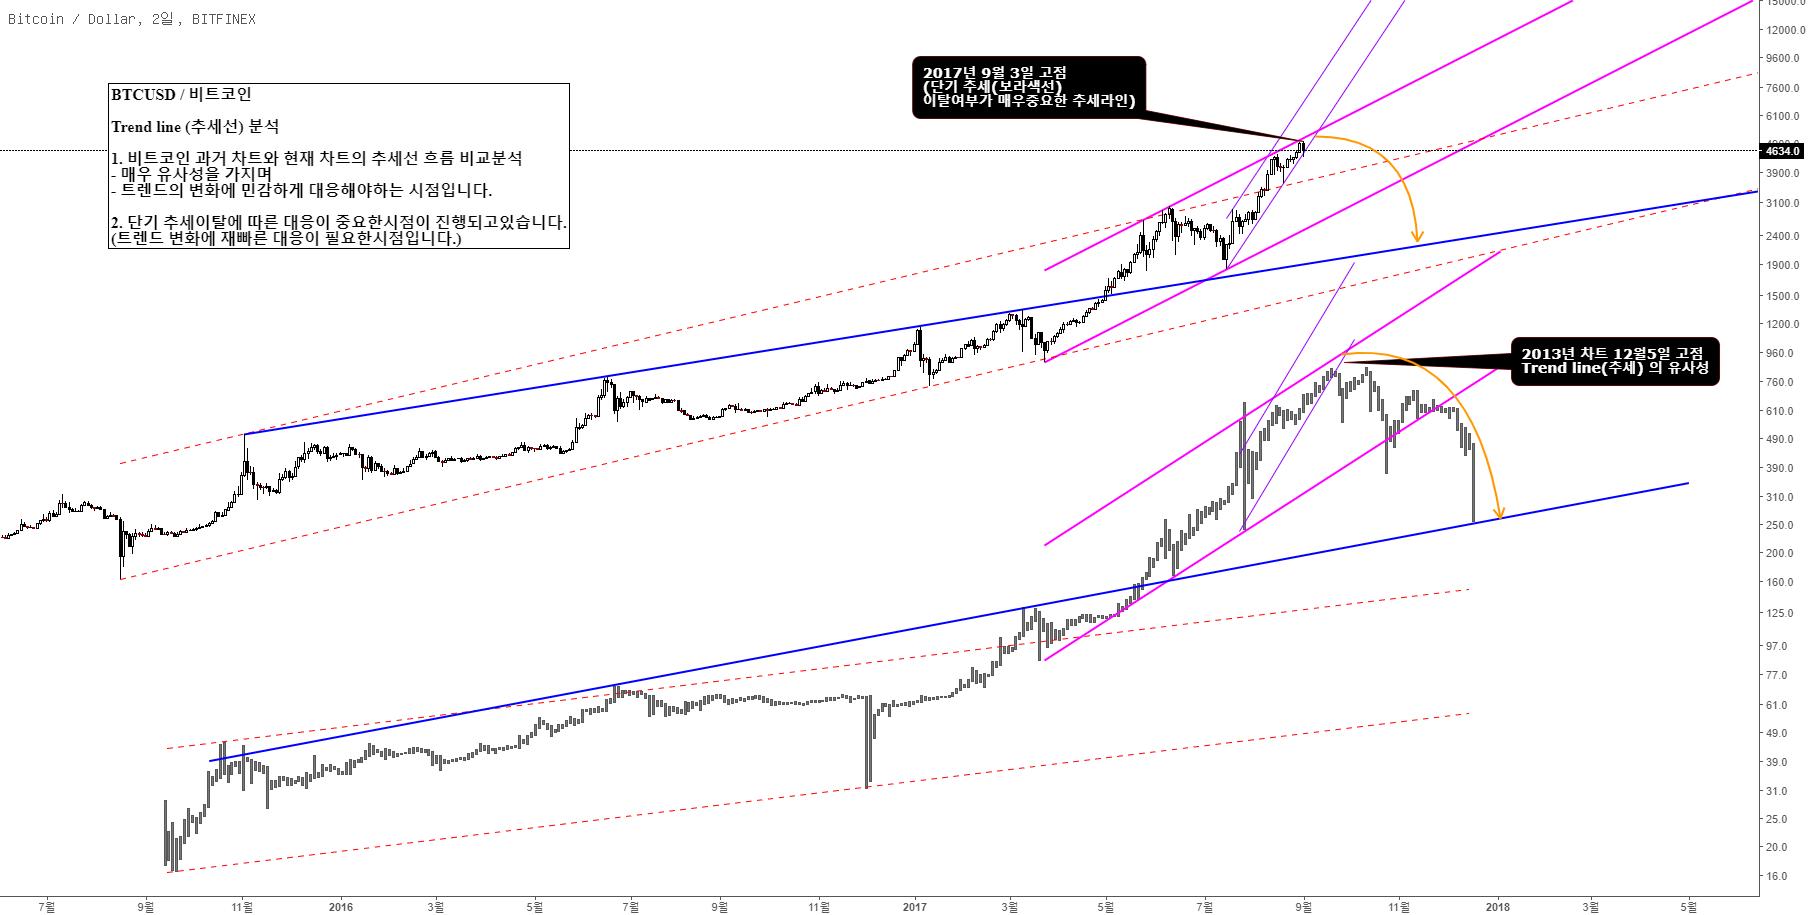 BTCUSD / 비트코인  Trend line (추세선) 분석